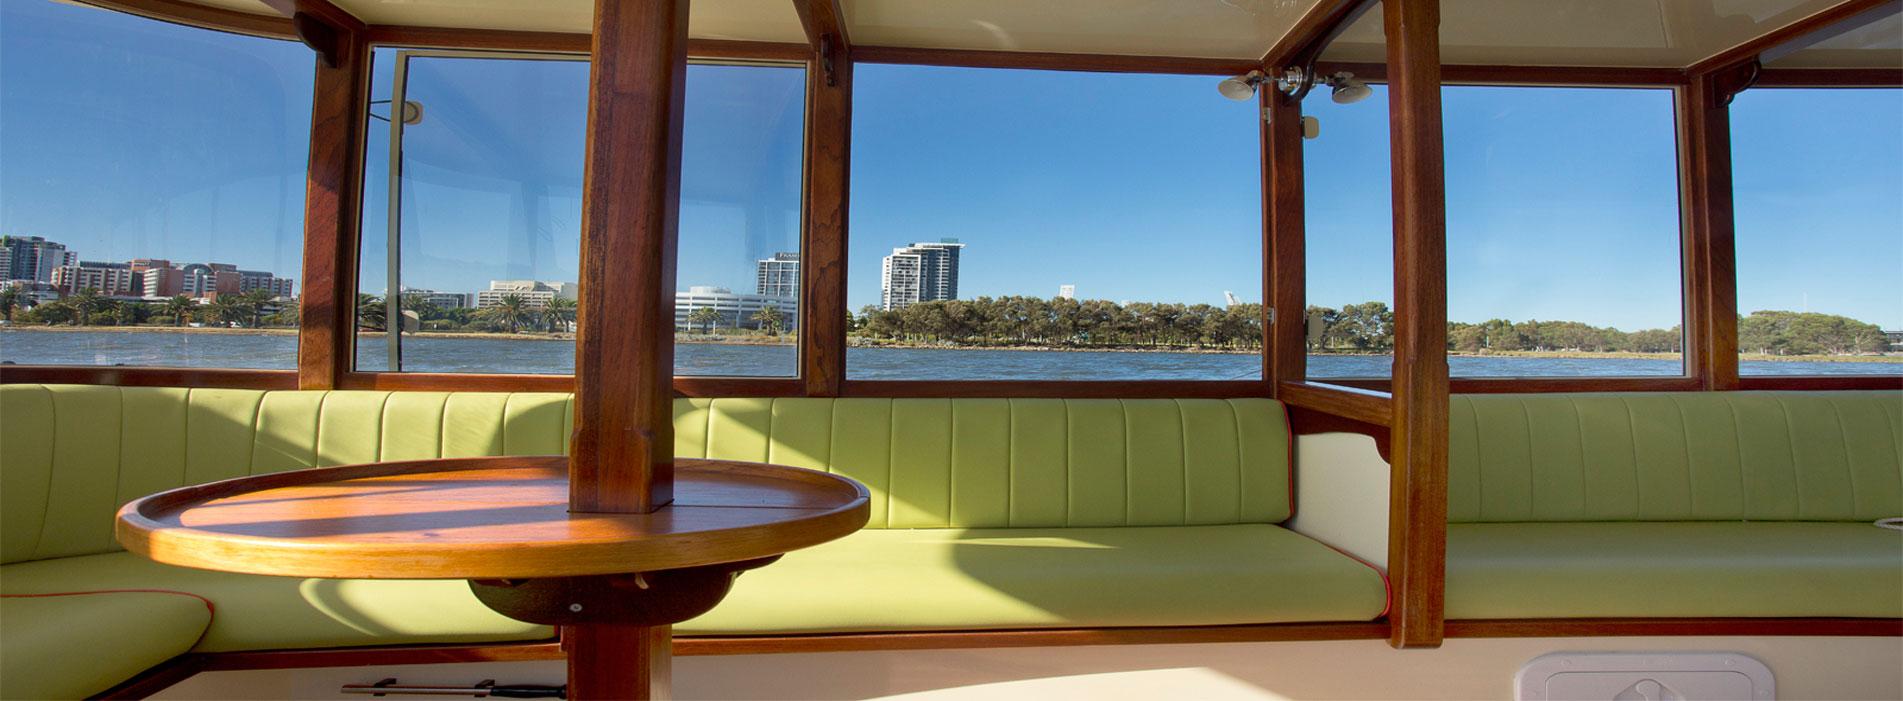 ELLIE J Perth boat charter hire WA interior